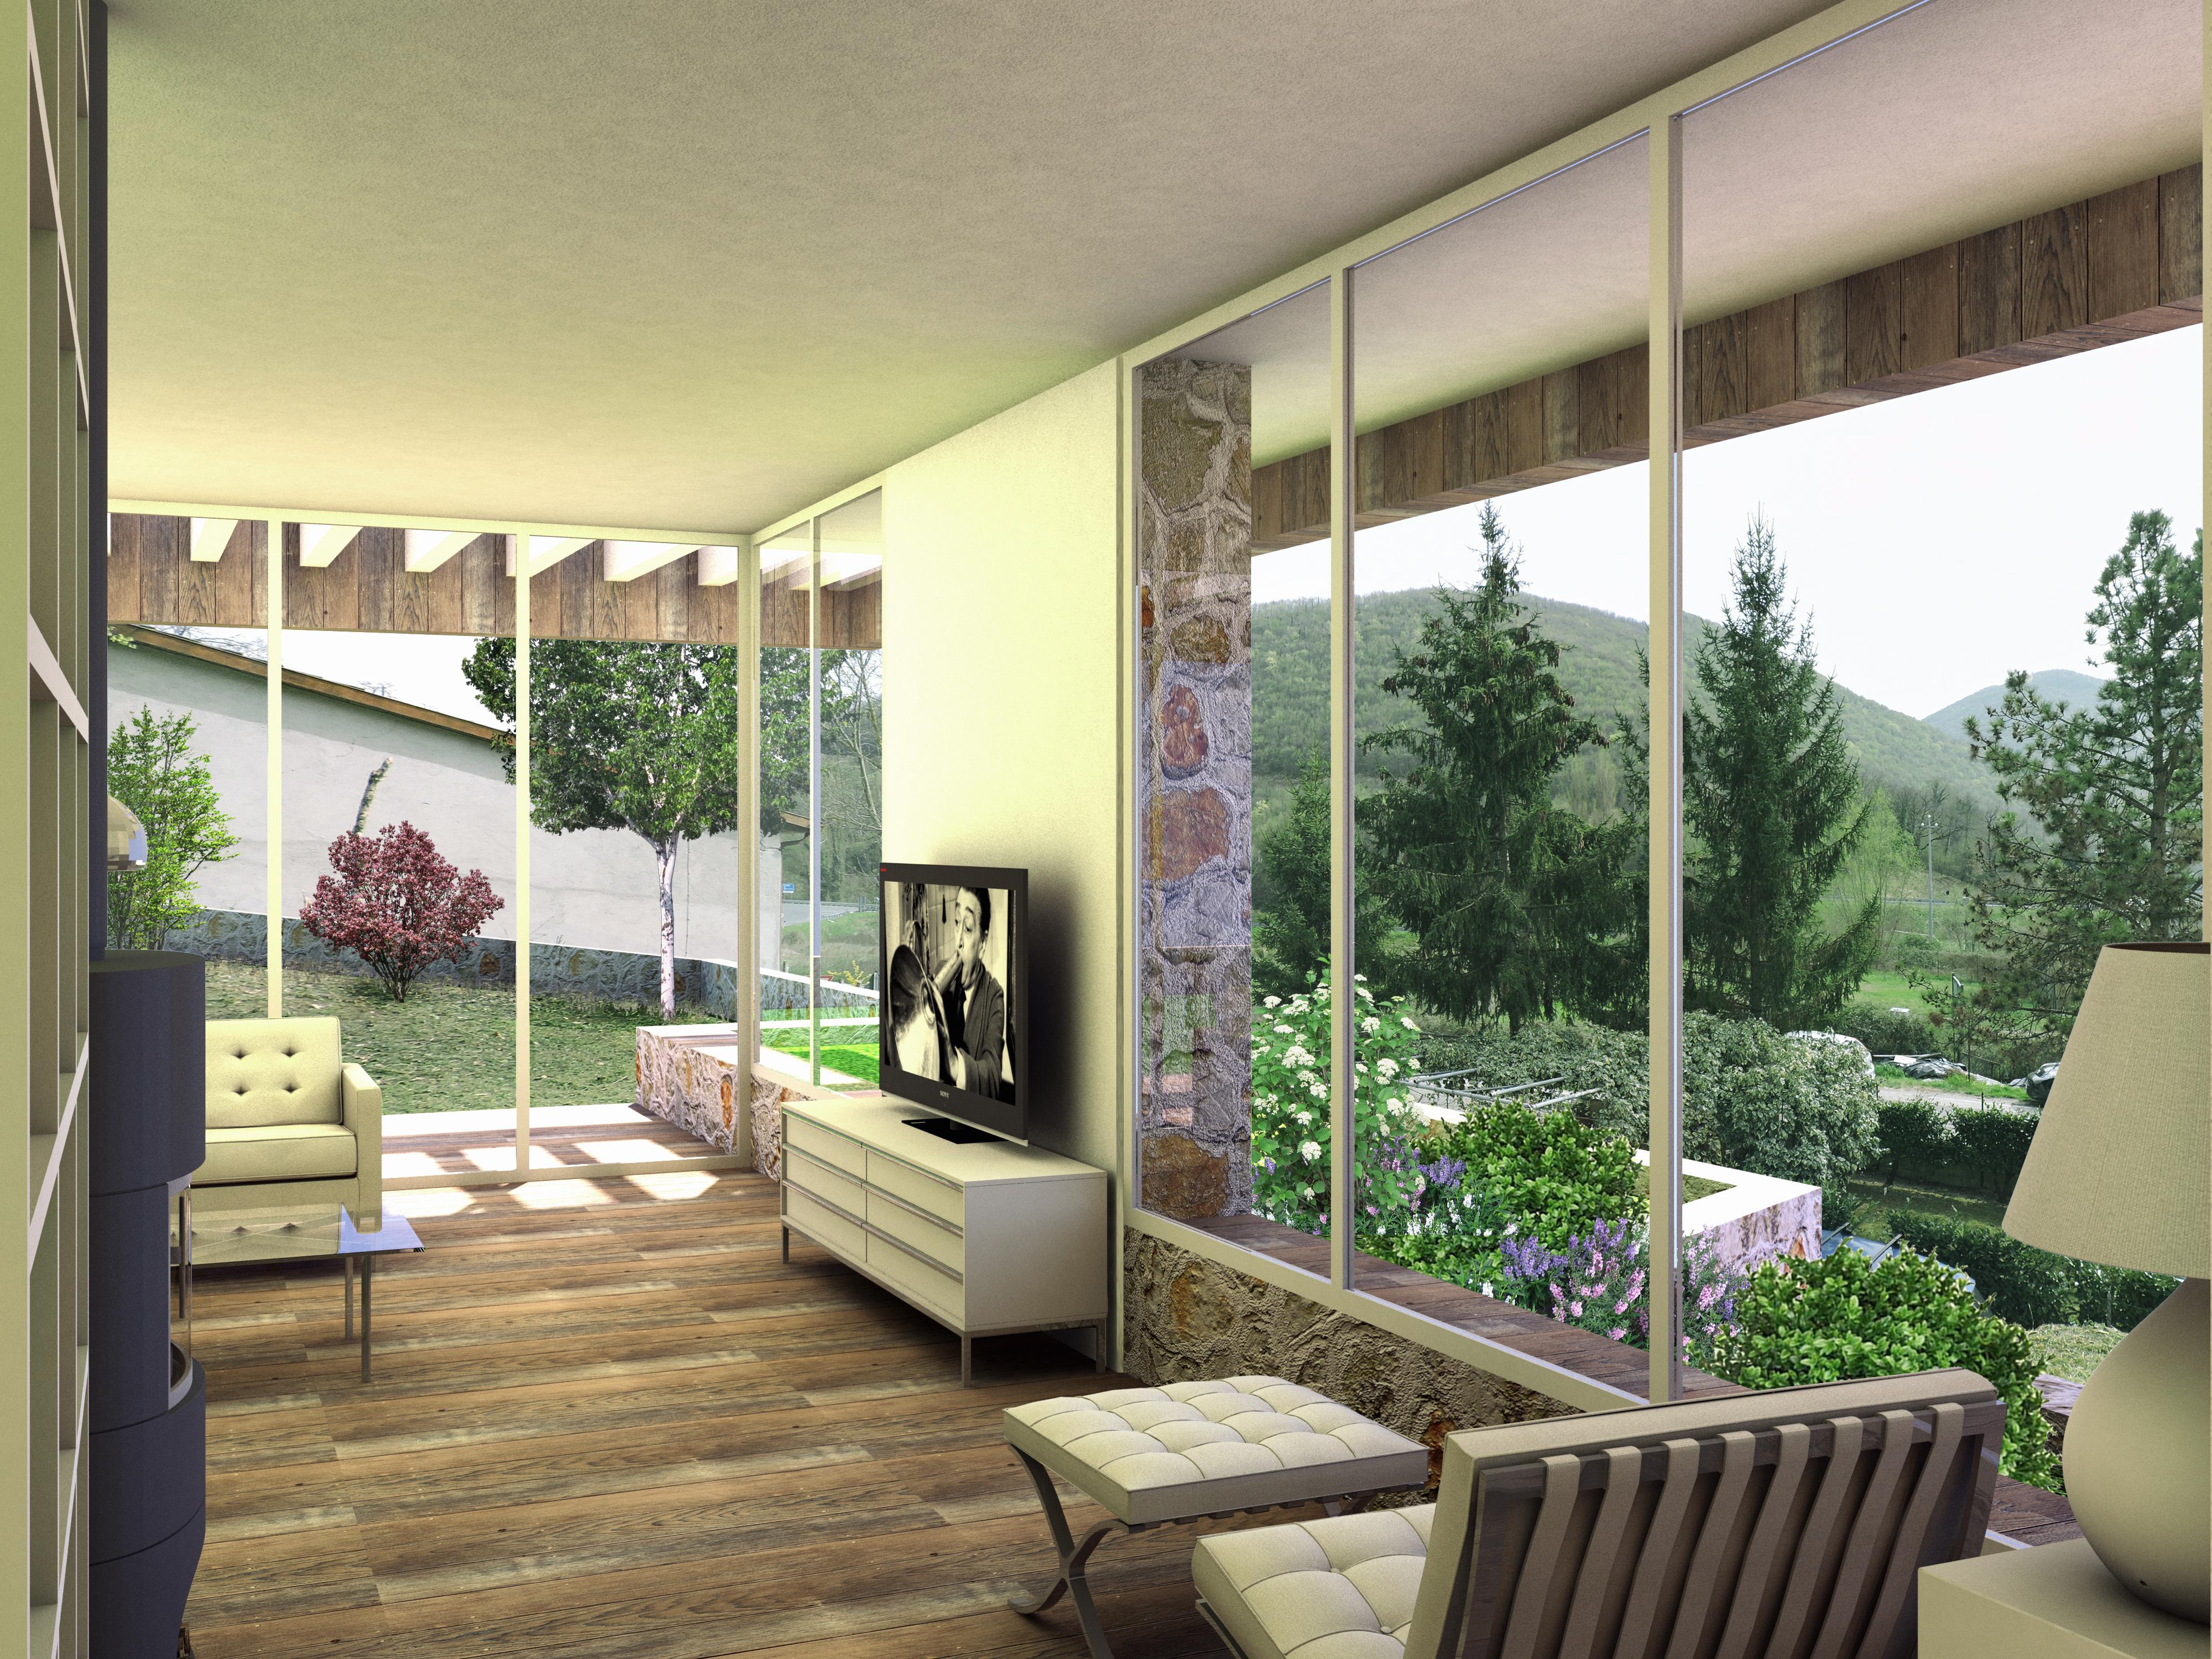 Ampliamento casa r c leggiana studio di architettura a foligno - Ampliamento casa ...